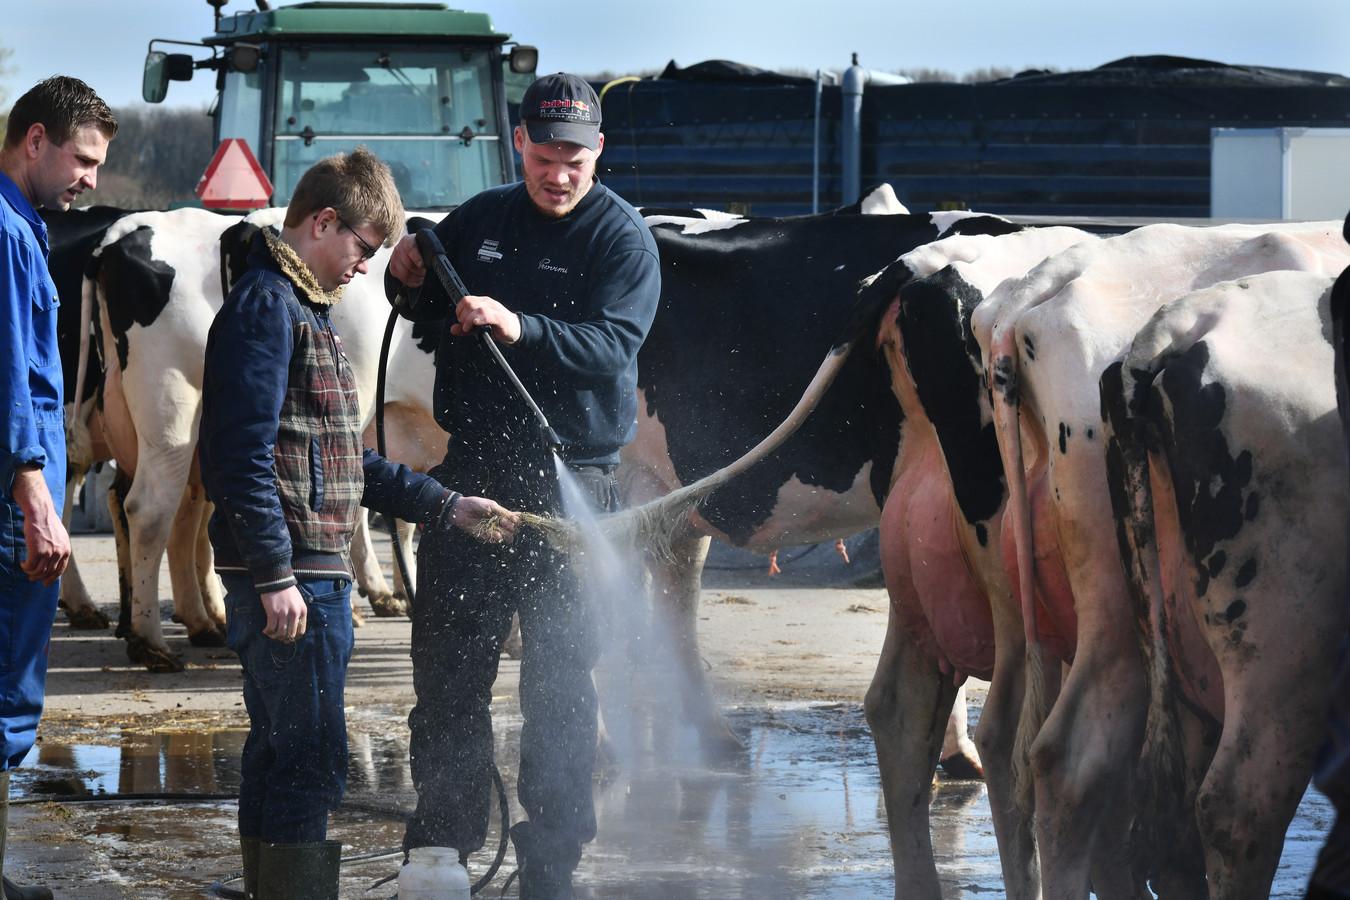 De koeien worden gewassen.